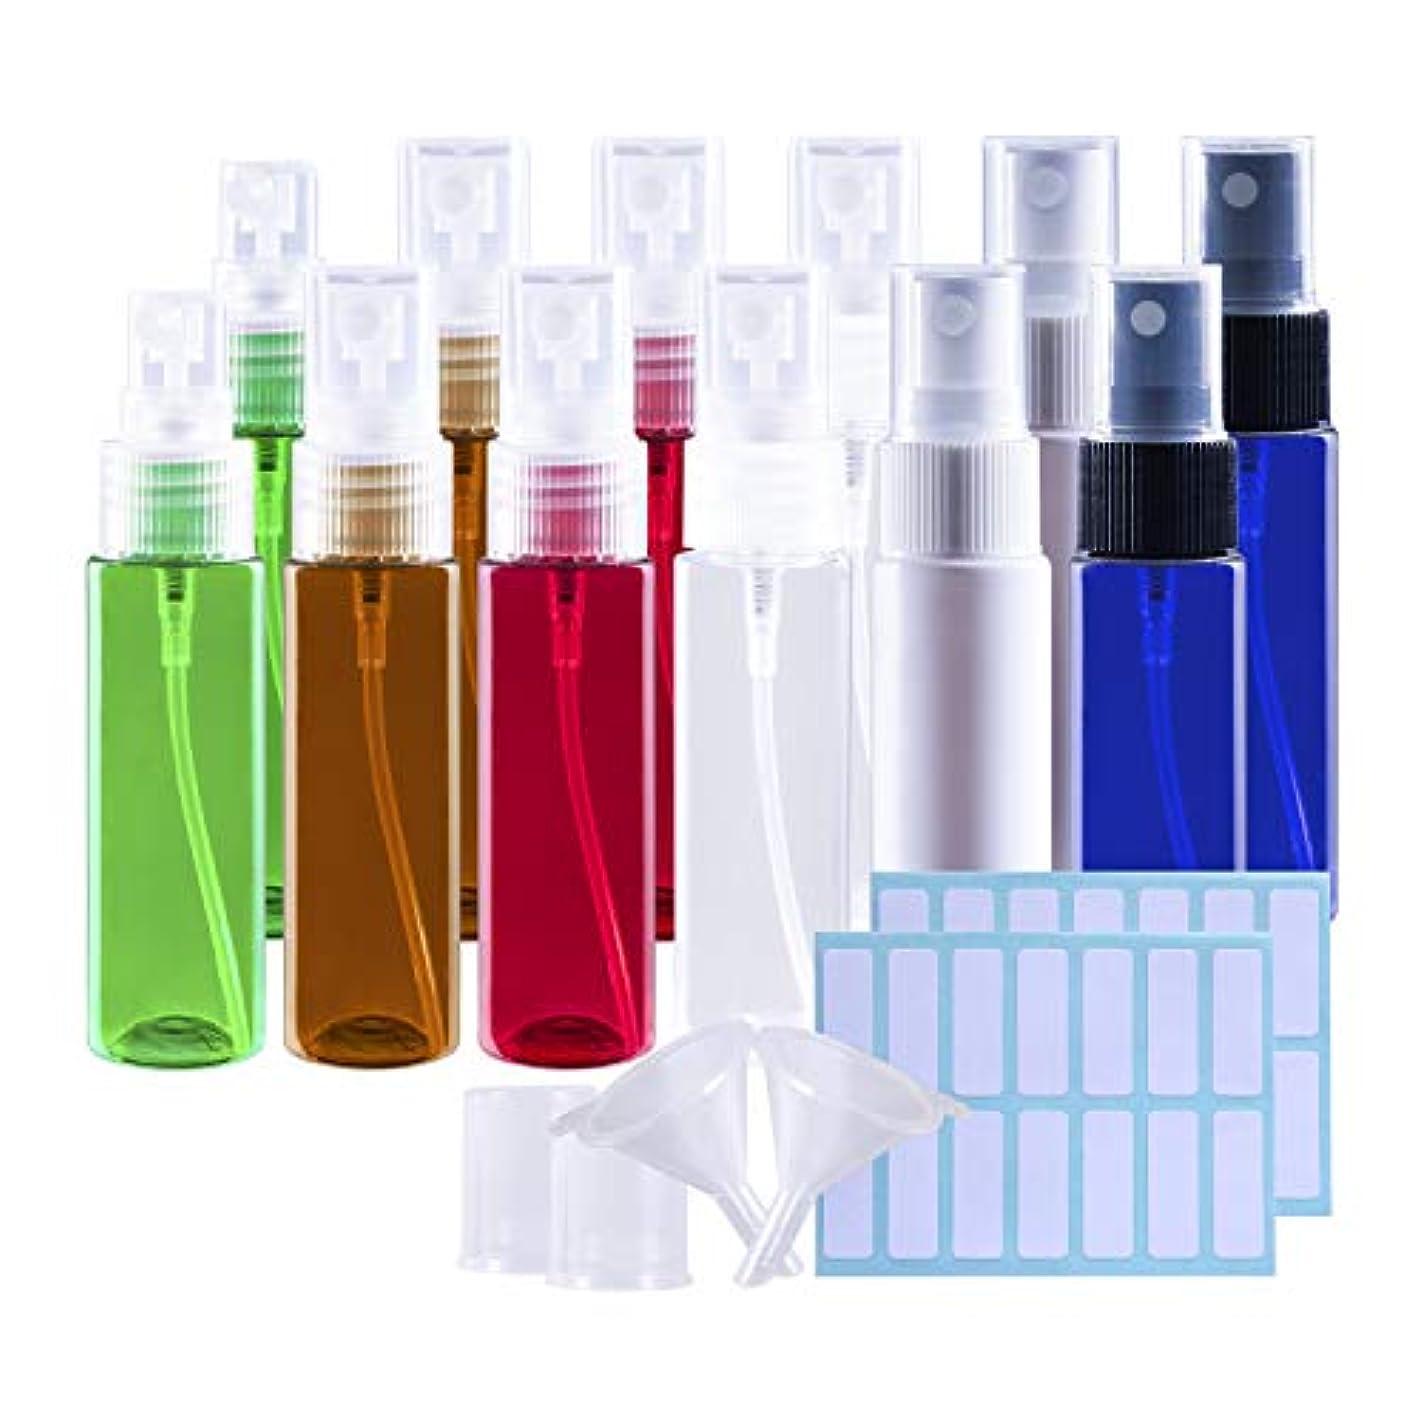 ハンディキャップ対抗素敵なスプレーボトル 遮光瓶 12本セット 30ML 詰替ボトル 空容器 霧吹き アロマ虫除けスプレー ラベルシール ミニ漏斗付き(6色)